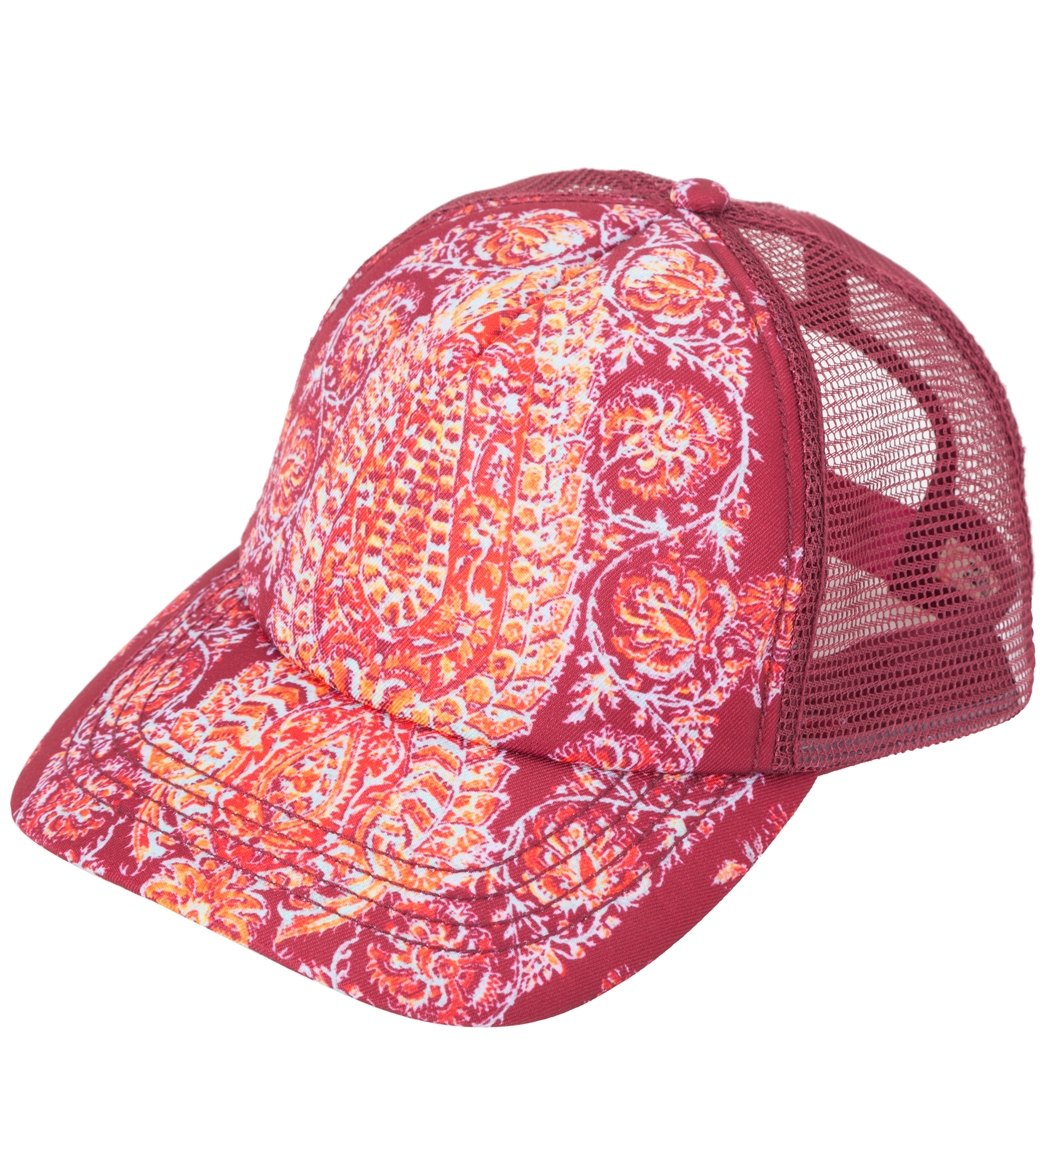 Billabong Joshua Tree Trucker Hat at SwimOutlet.com 77eebd85476a